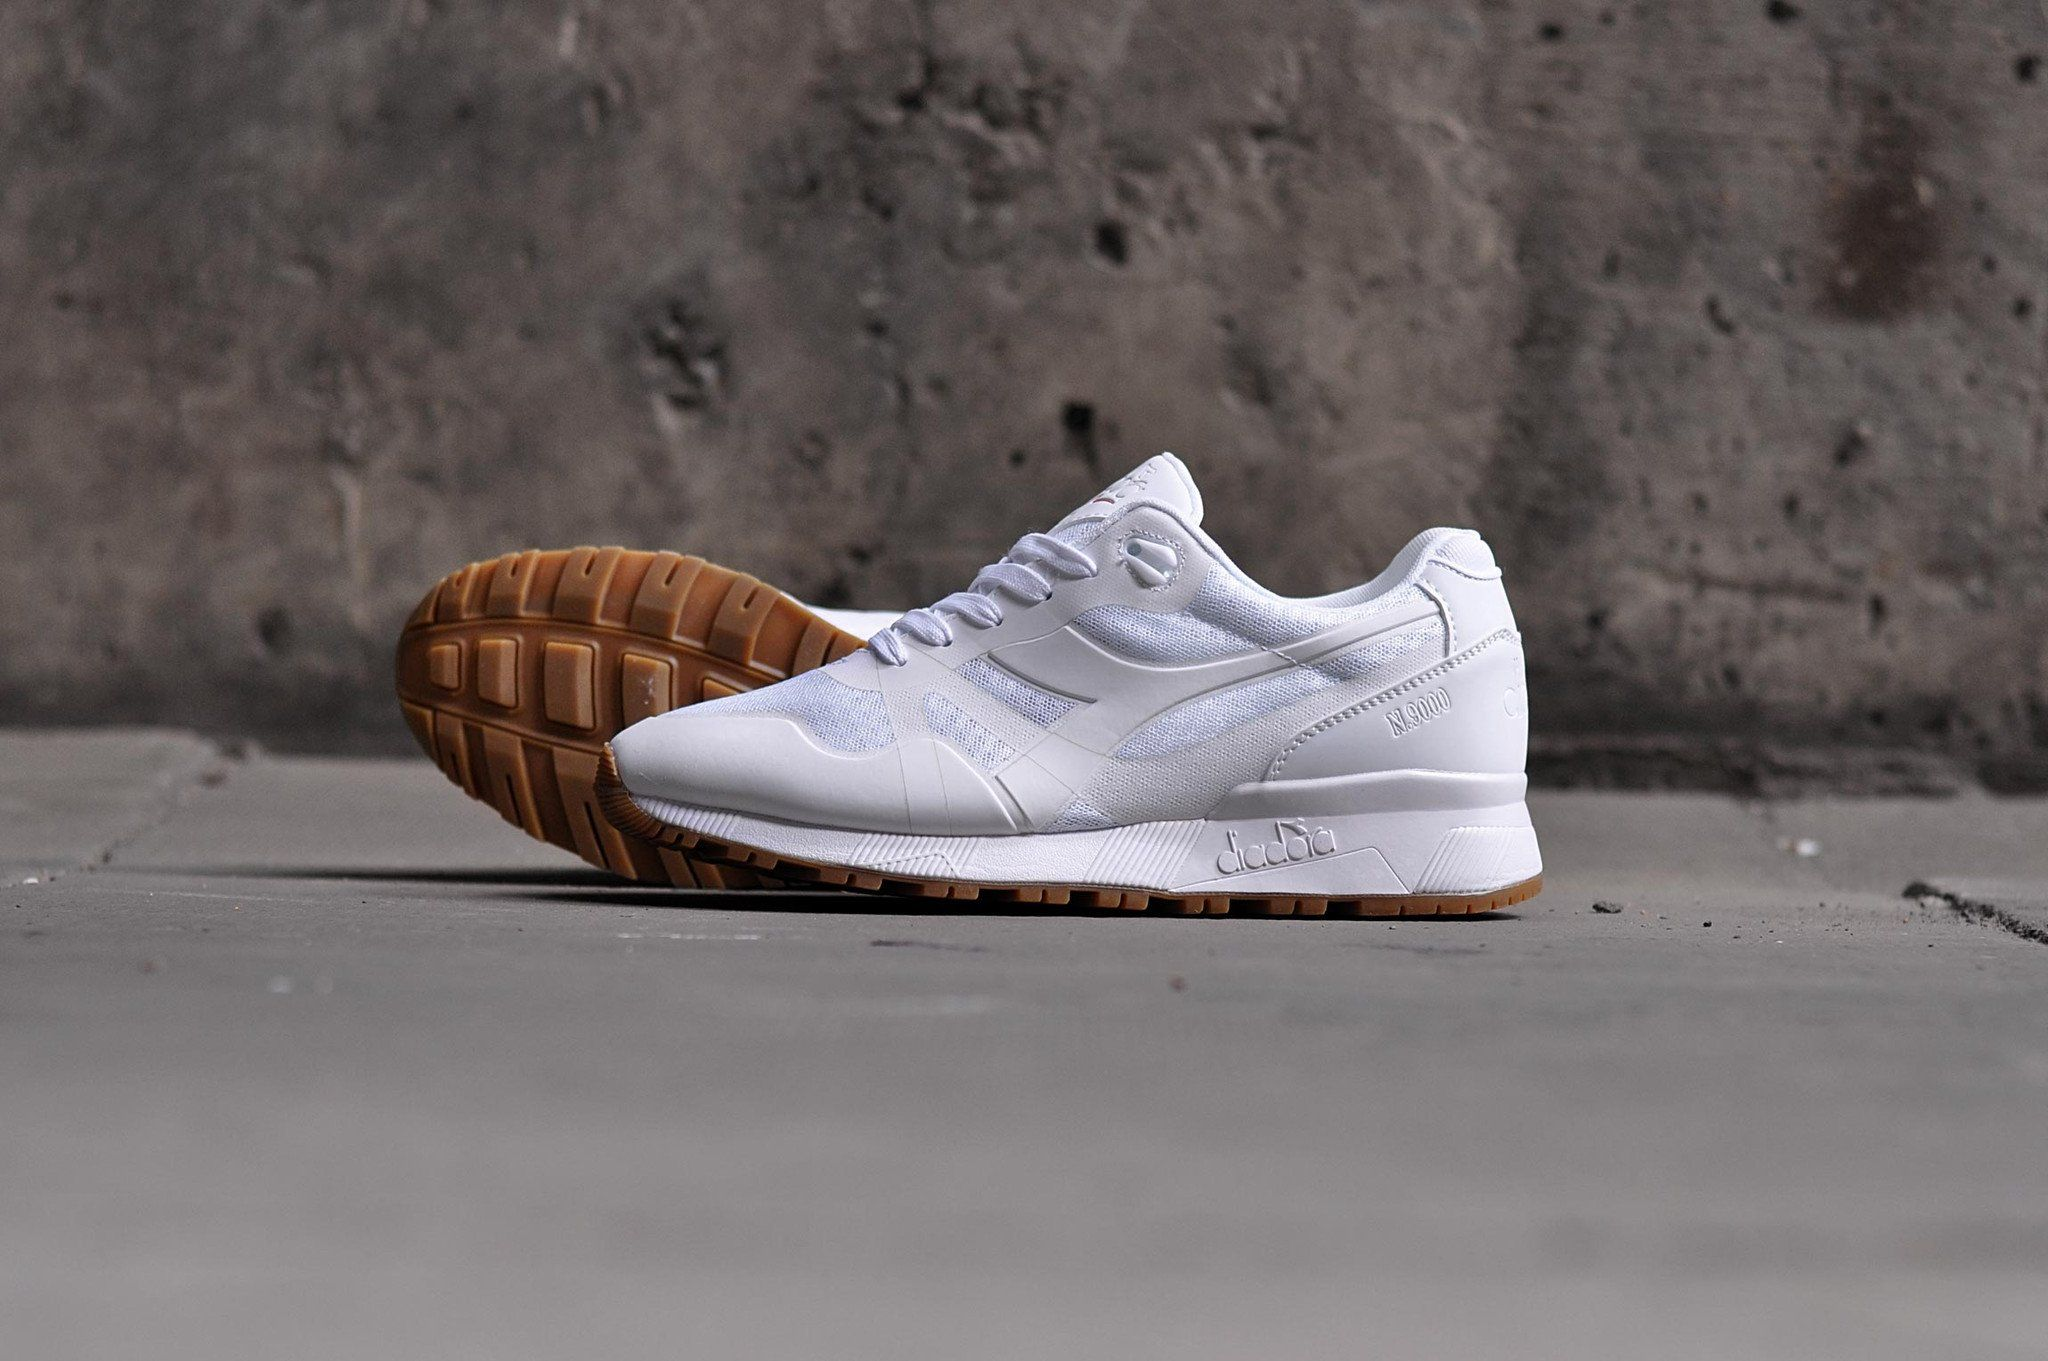 66e1e4c7c092b Diadora N9000 MM 116-20006 - soleheaven digital - 1 | Sneakers ...